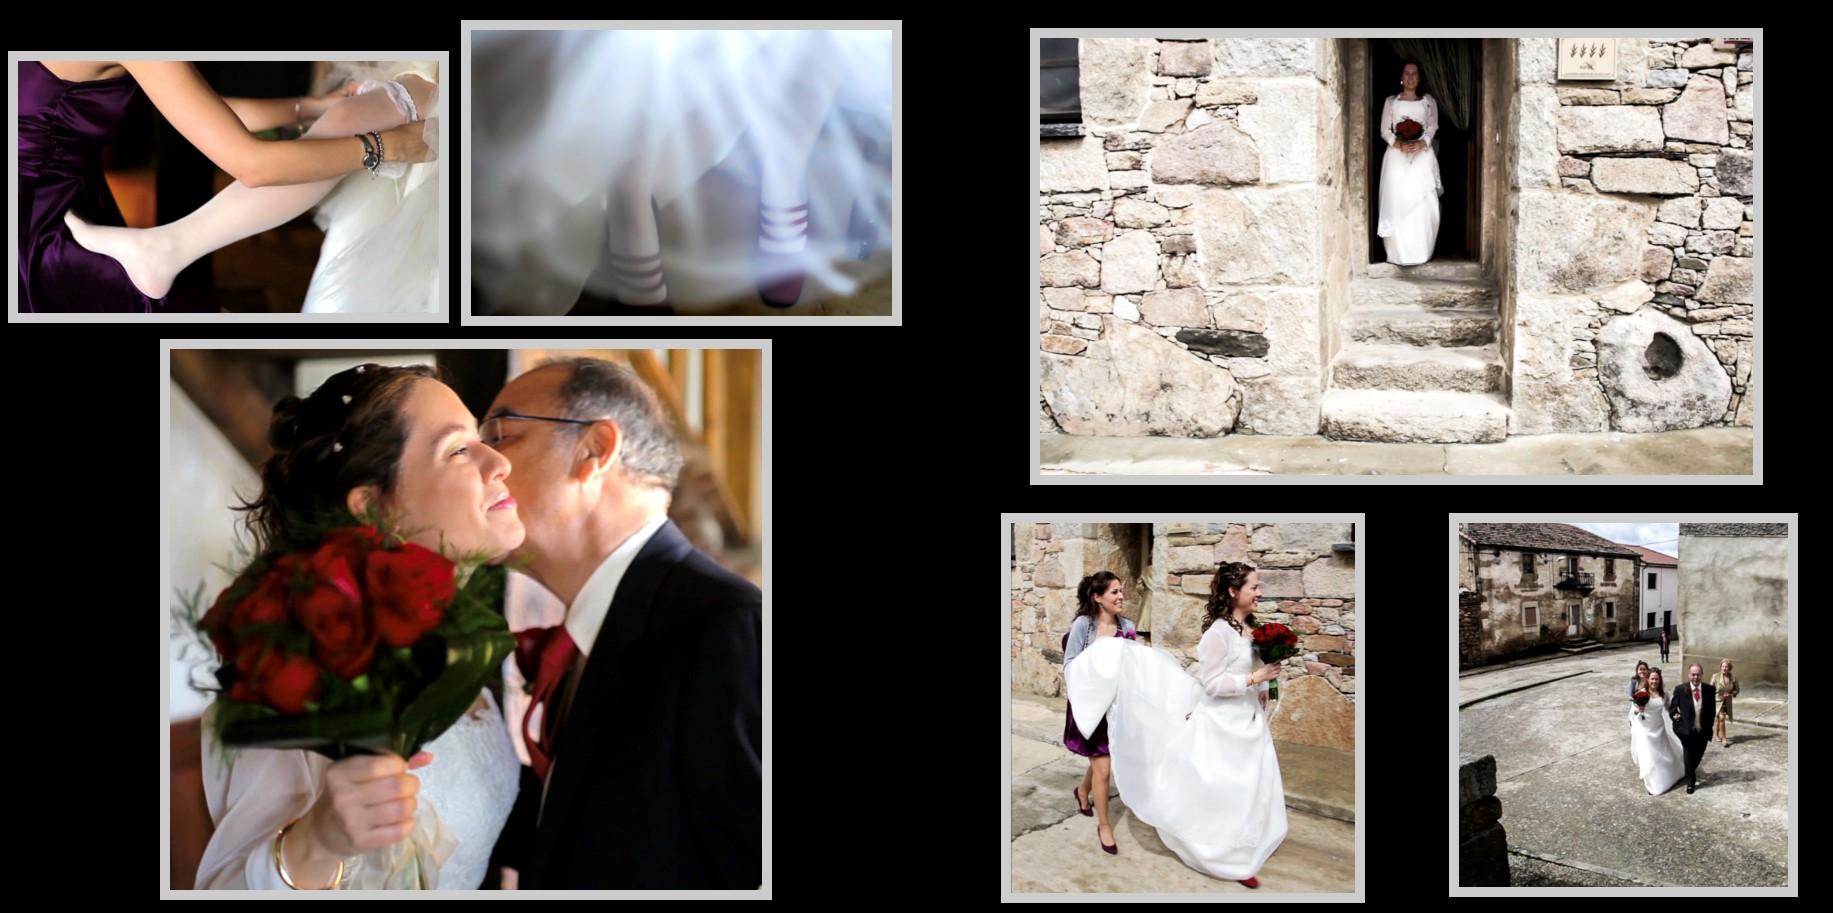 bodas naturales Orgullo Rural, boda en la iglesia